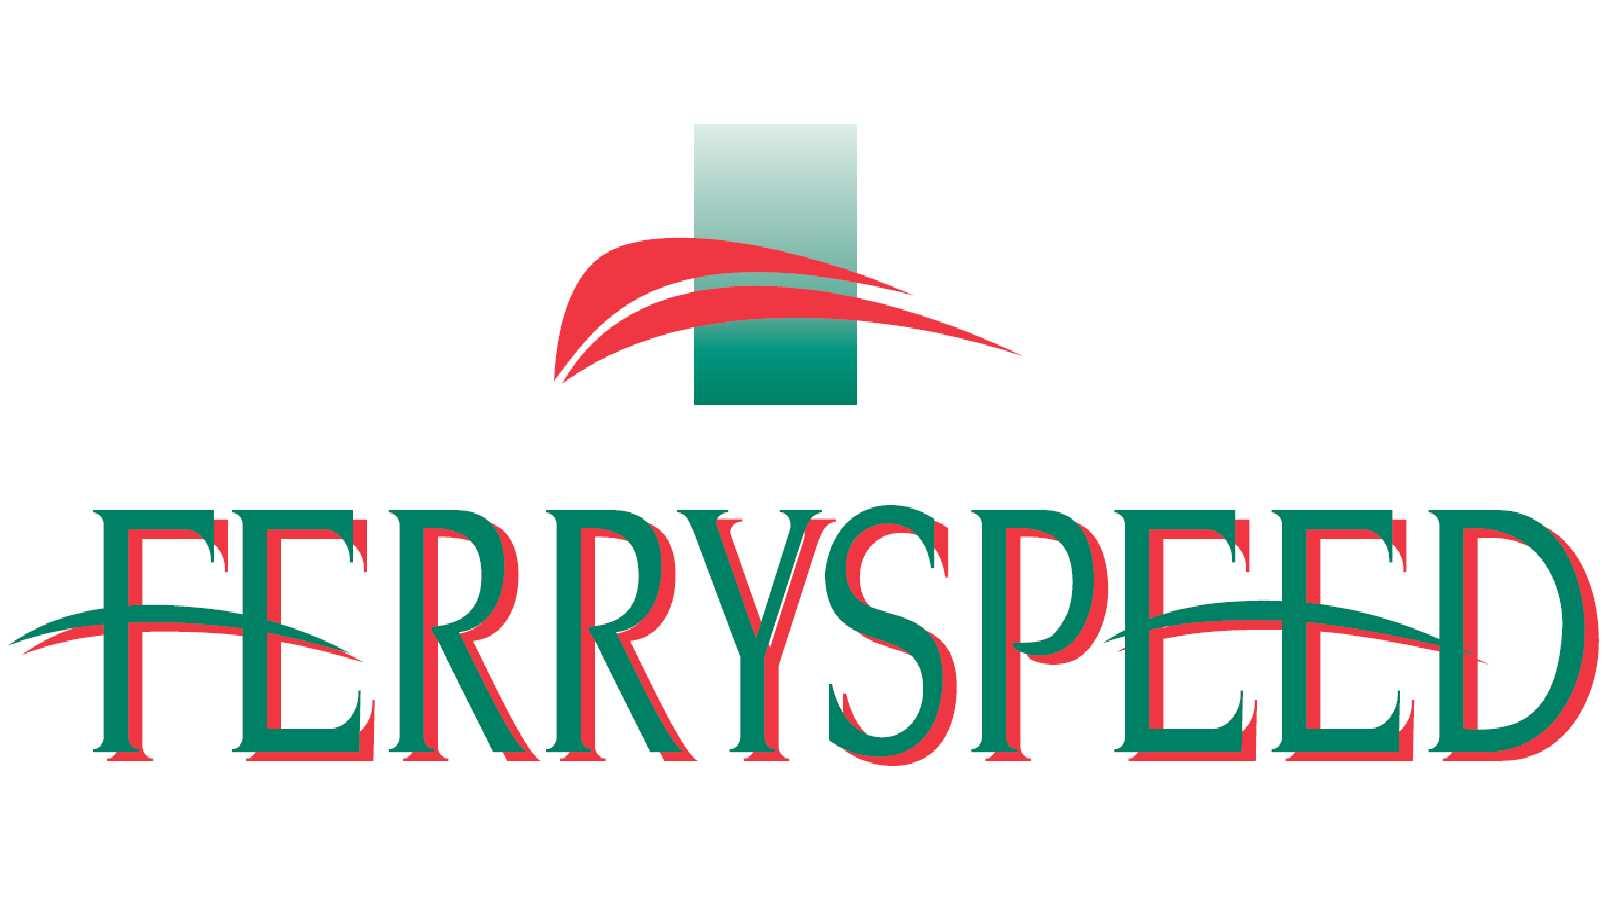 Ferryspeed CI Limited